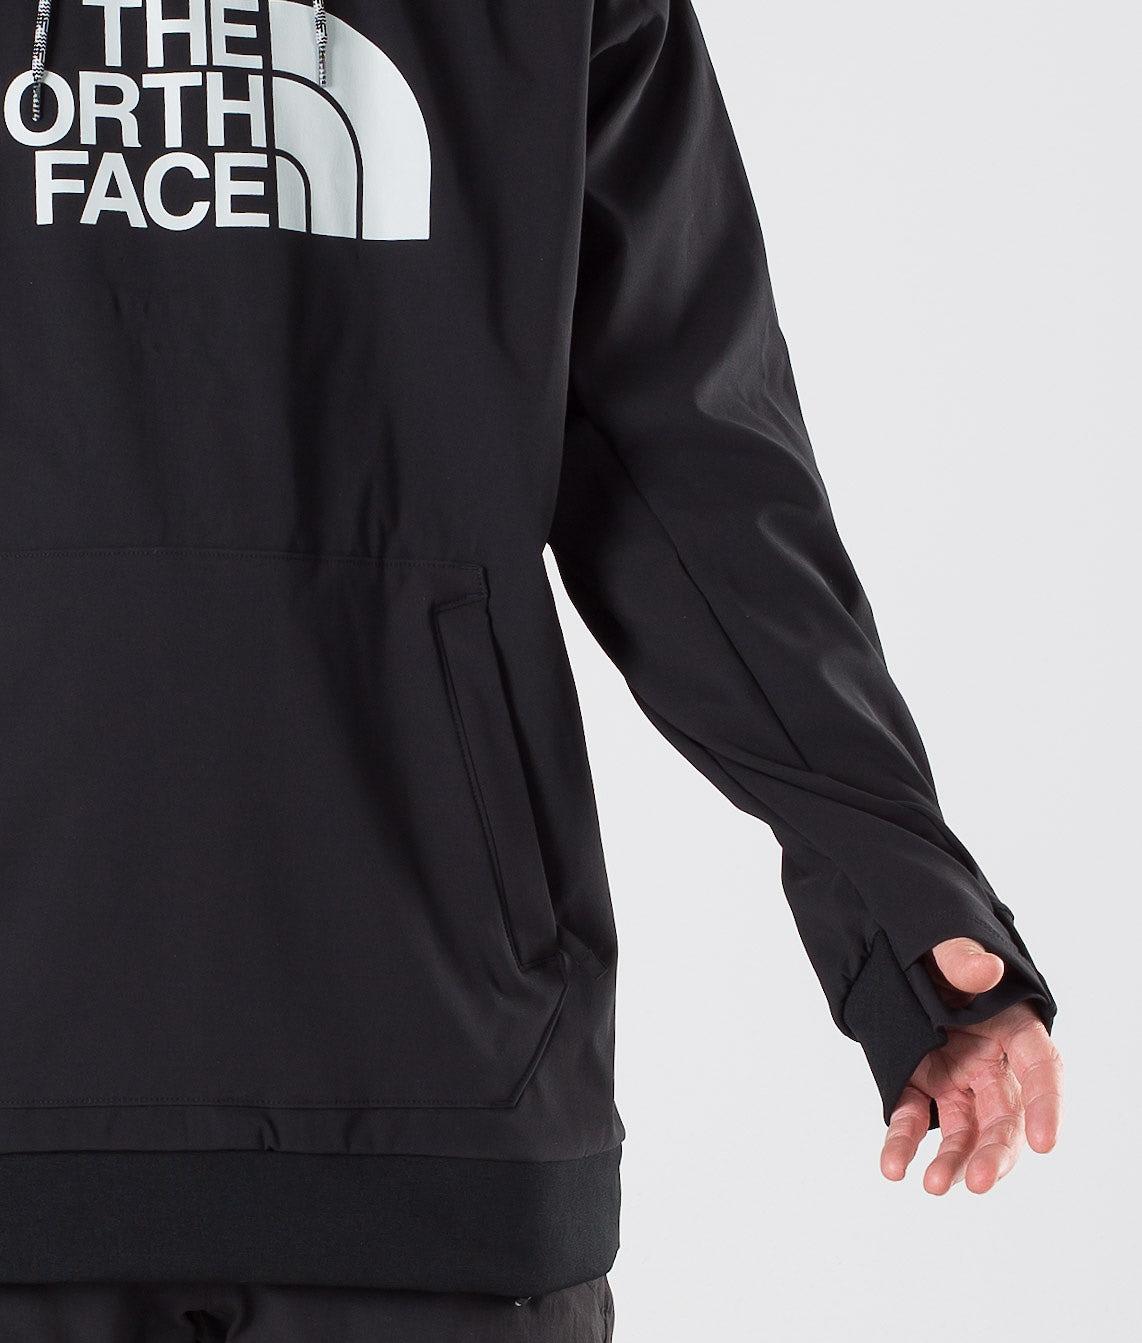 Kaufe Logo Hoodie von The North Face bei Ridestore.de - Kostenloser, schneller Versand & Rückversand.